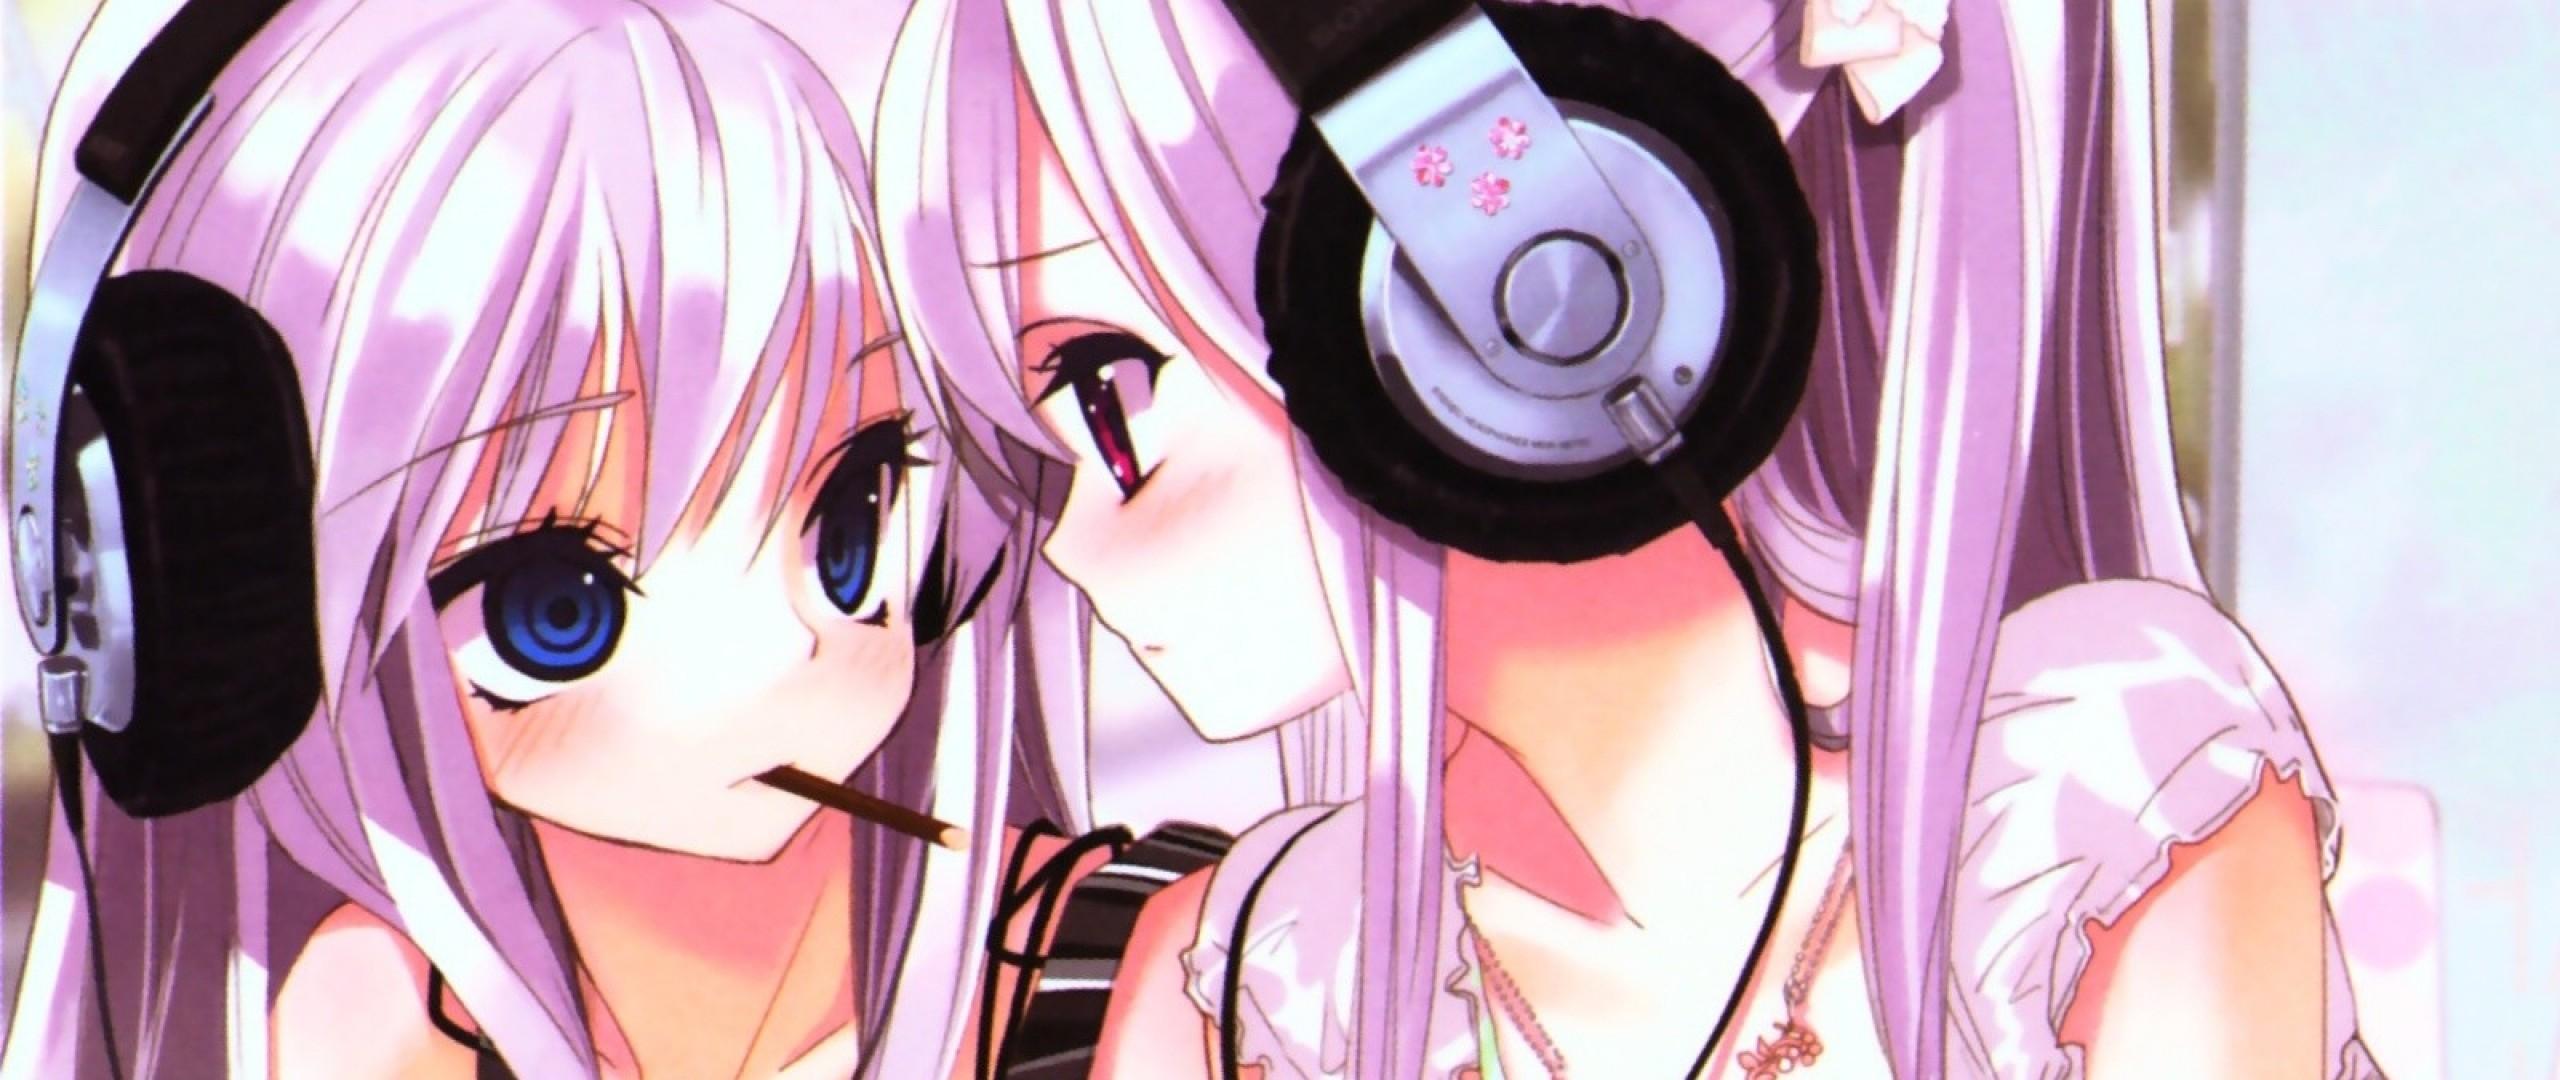 Wallpaper anime, girl, headphones, cigarette, look